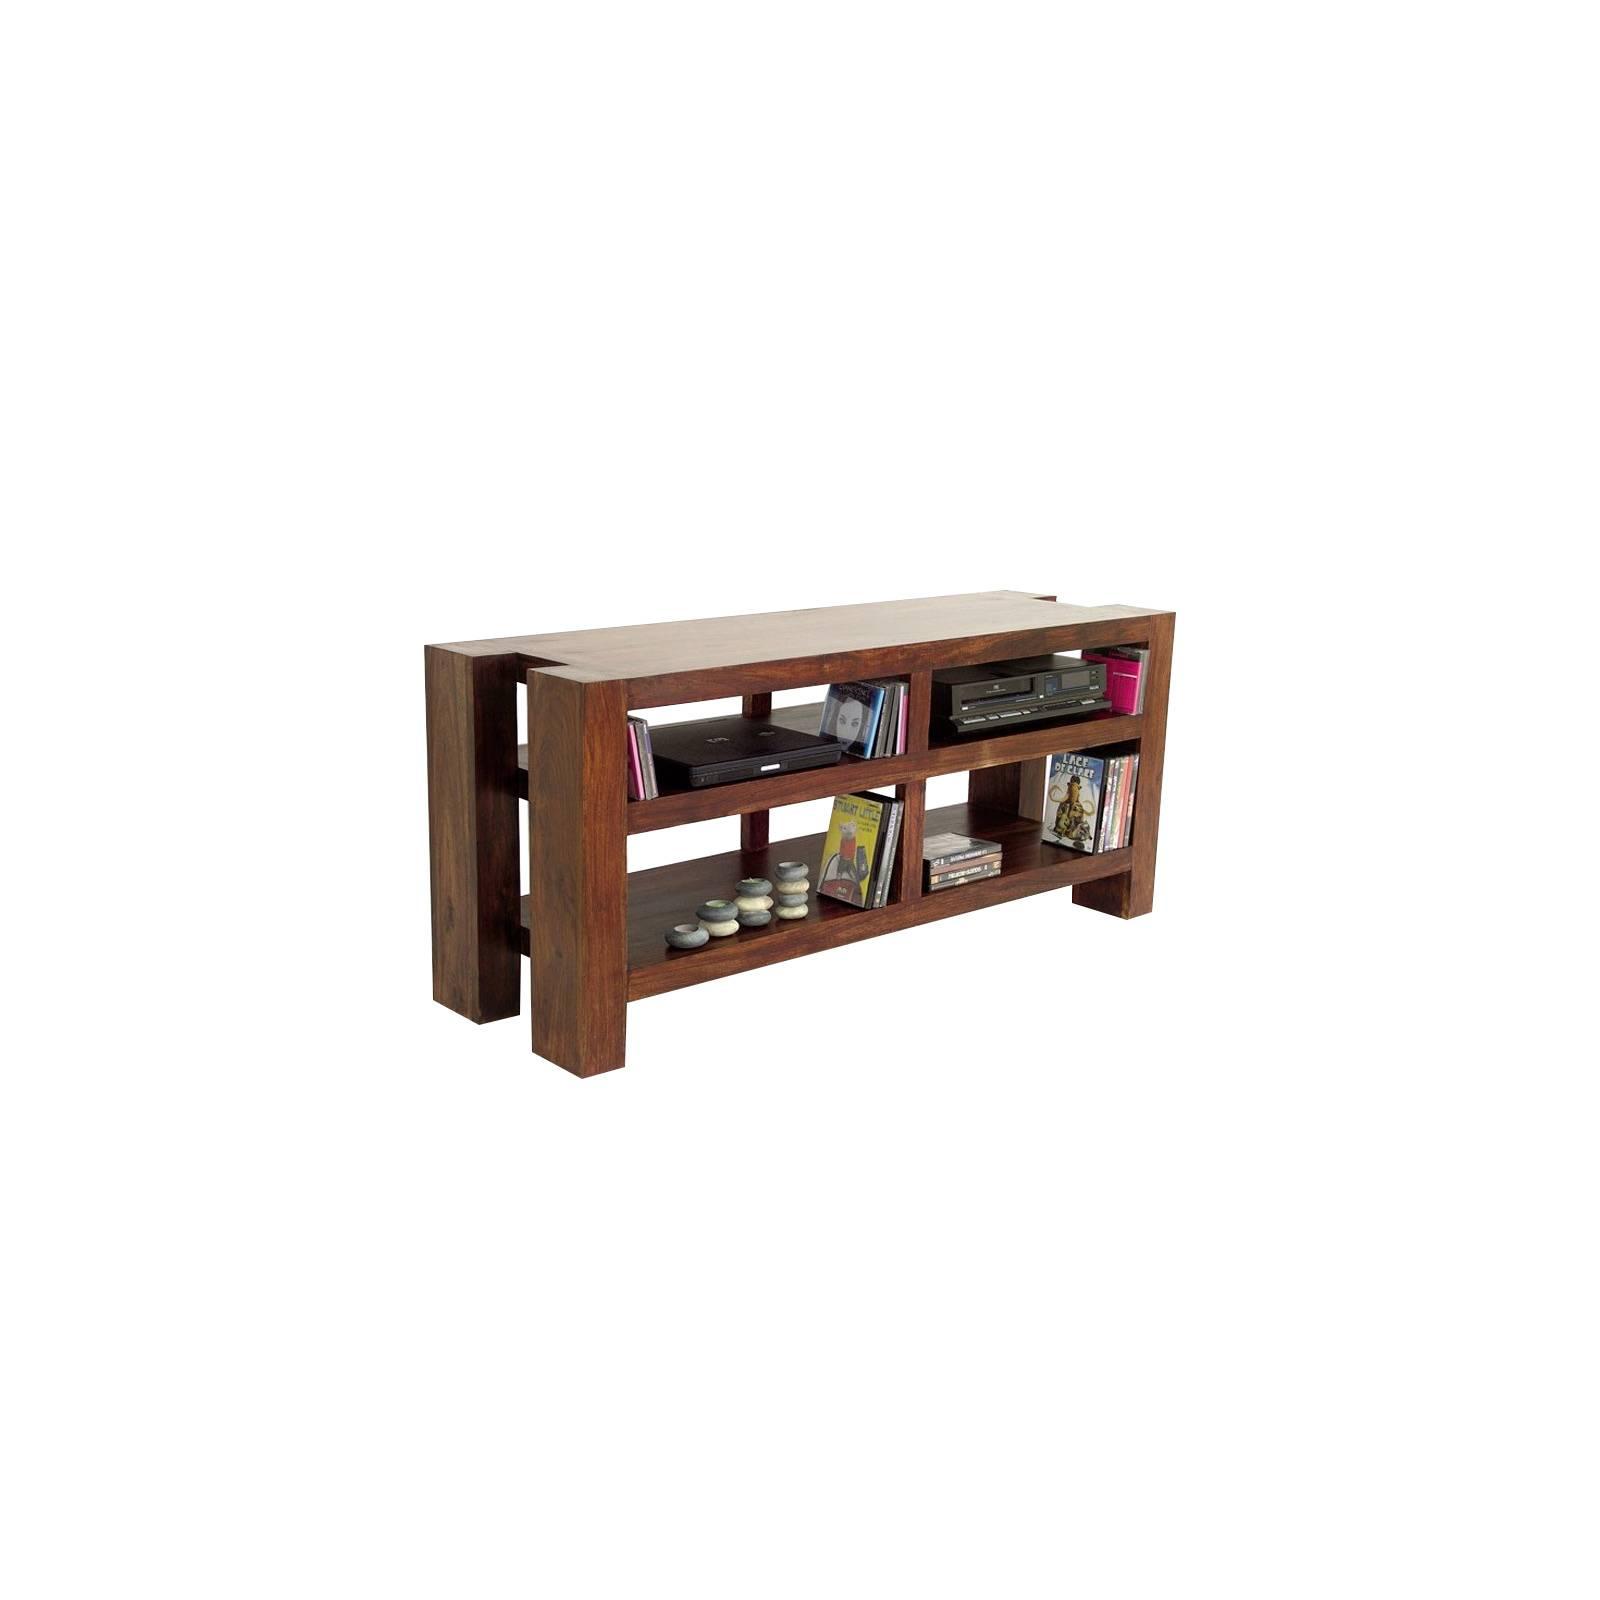 Meuble Tv Niches Zen Palissandre - meubles bois exotique